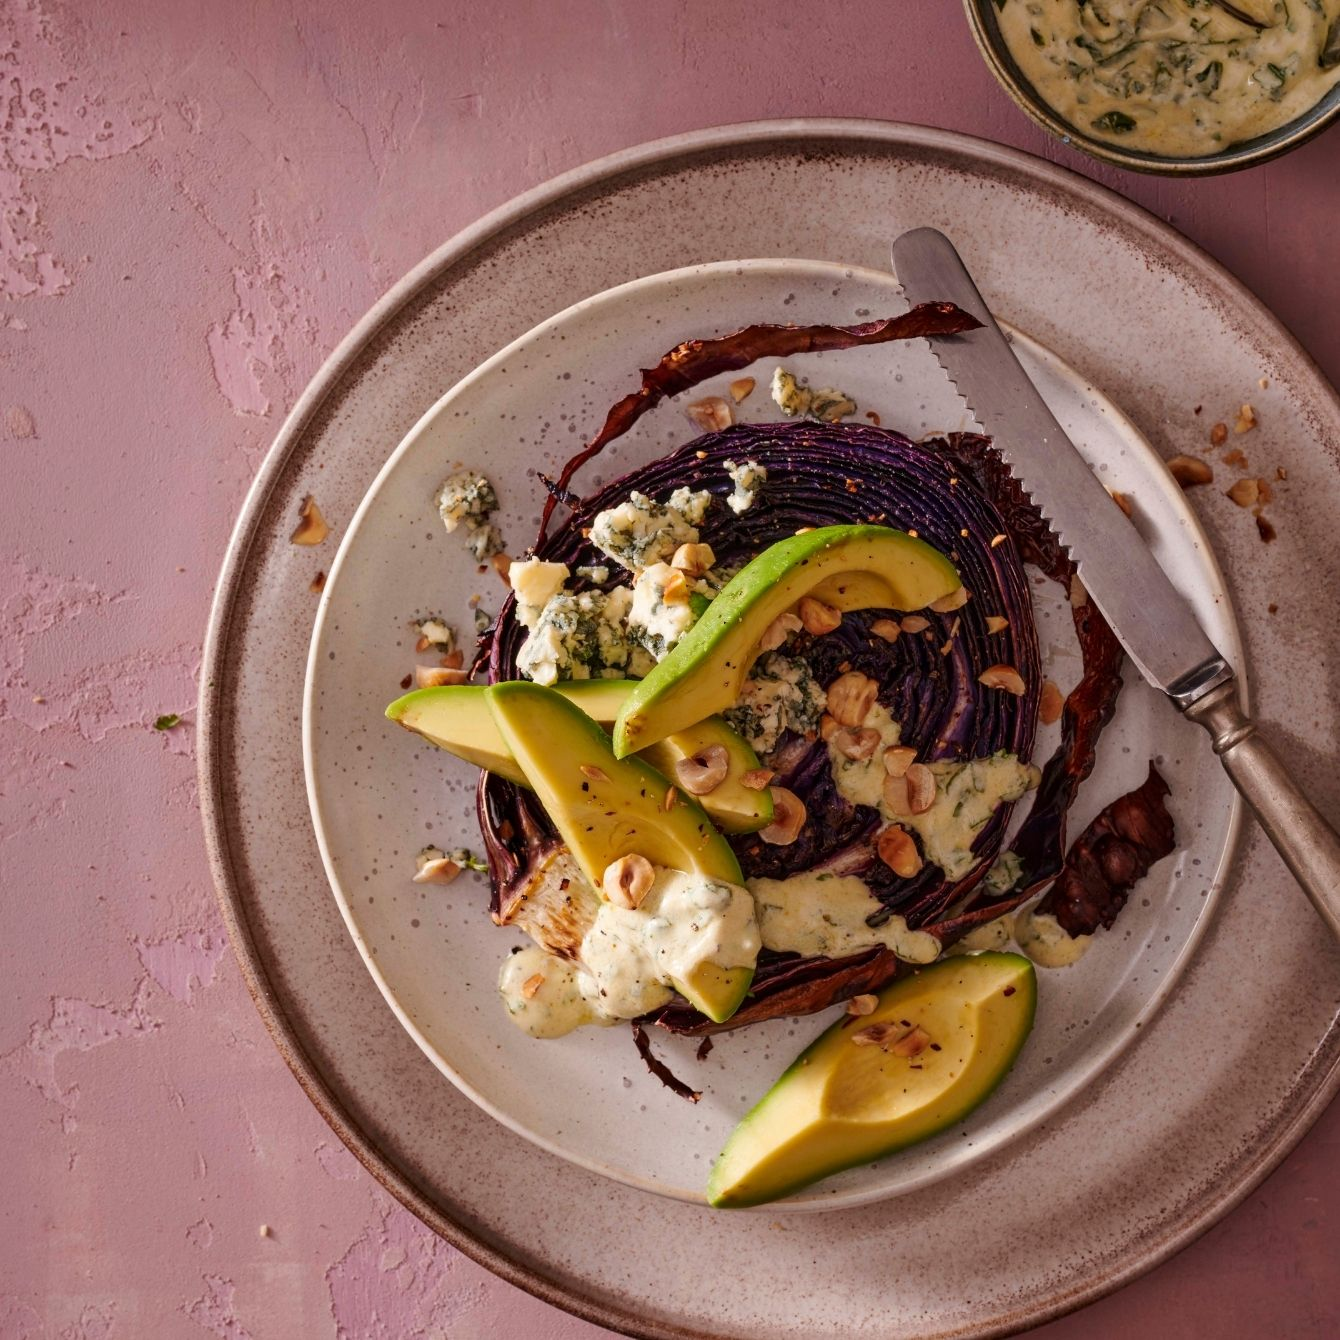 Rodekool-steaks met avocado en blauwe kaas